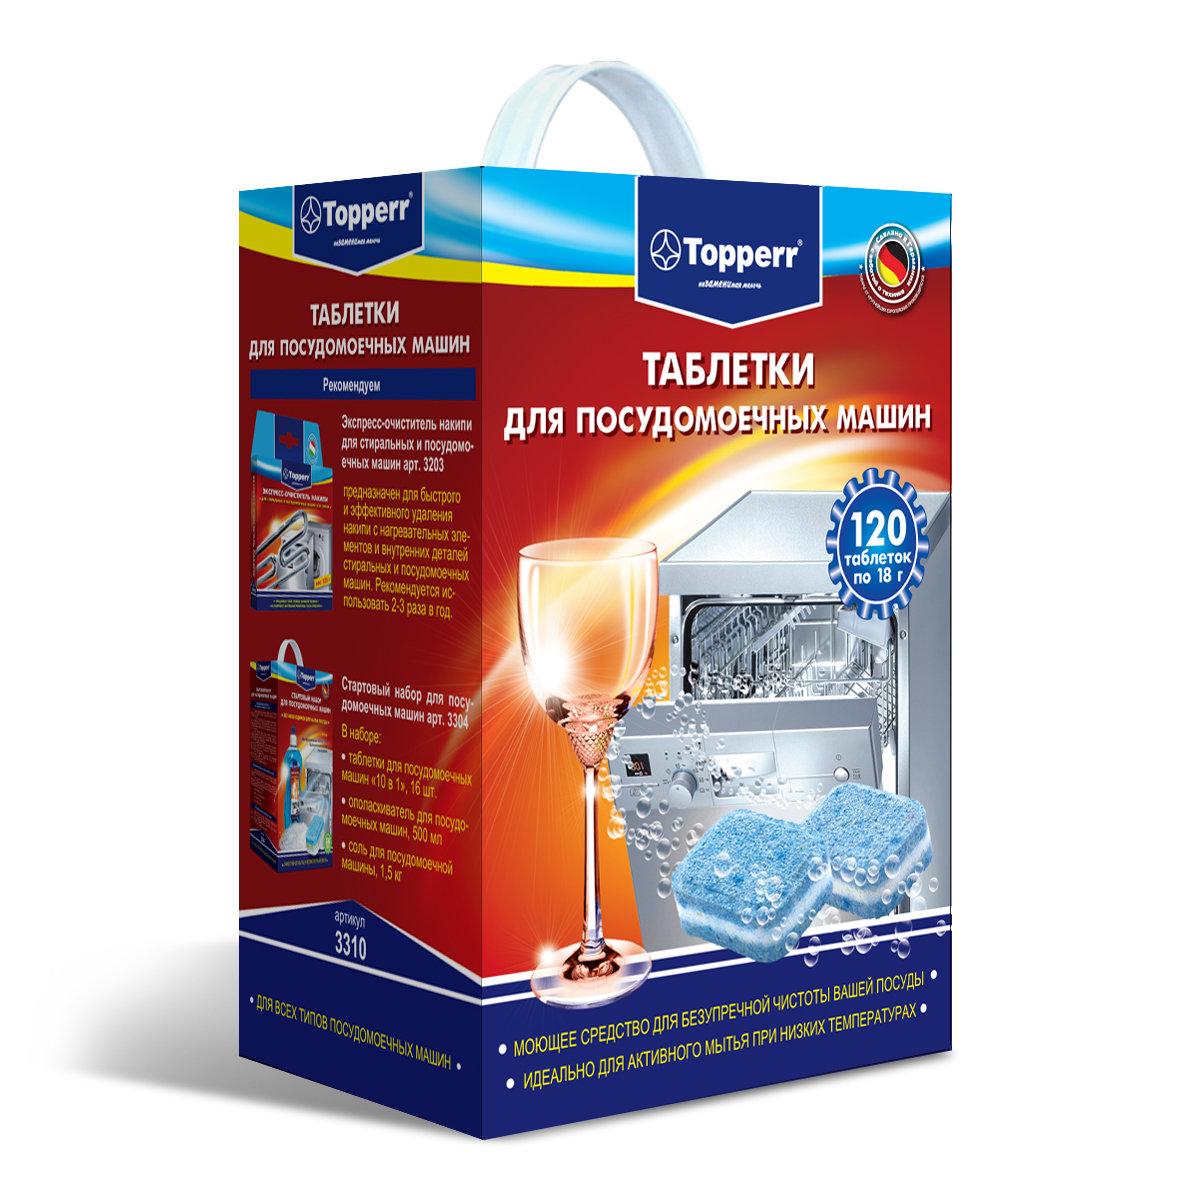 Таблетки для посудомоечных машин 120 штук Topperr 3310